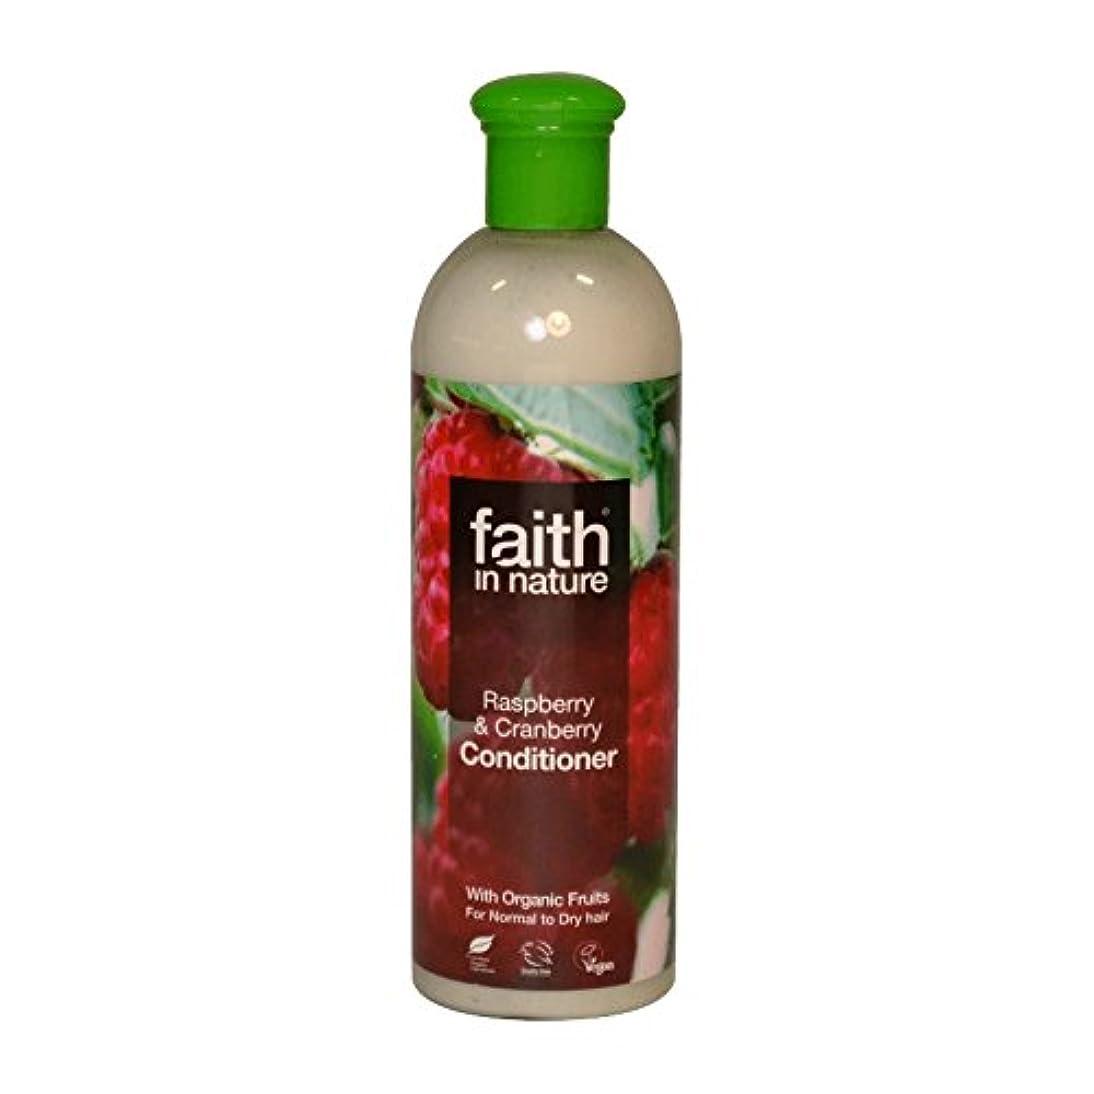 所持賢明な書き出す自然ラズベリー&クランベリーコンディショナー400ミリリットルの信仰 - Faith in Nature Raspberry & Cranberry Conditioner 400ml (Faith in Nature)...